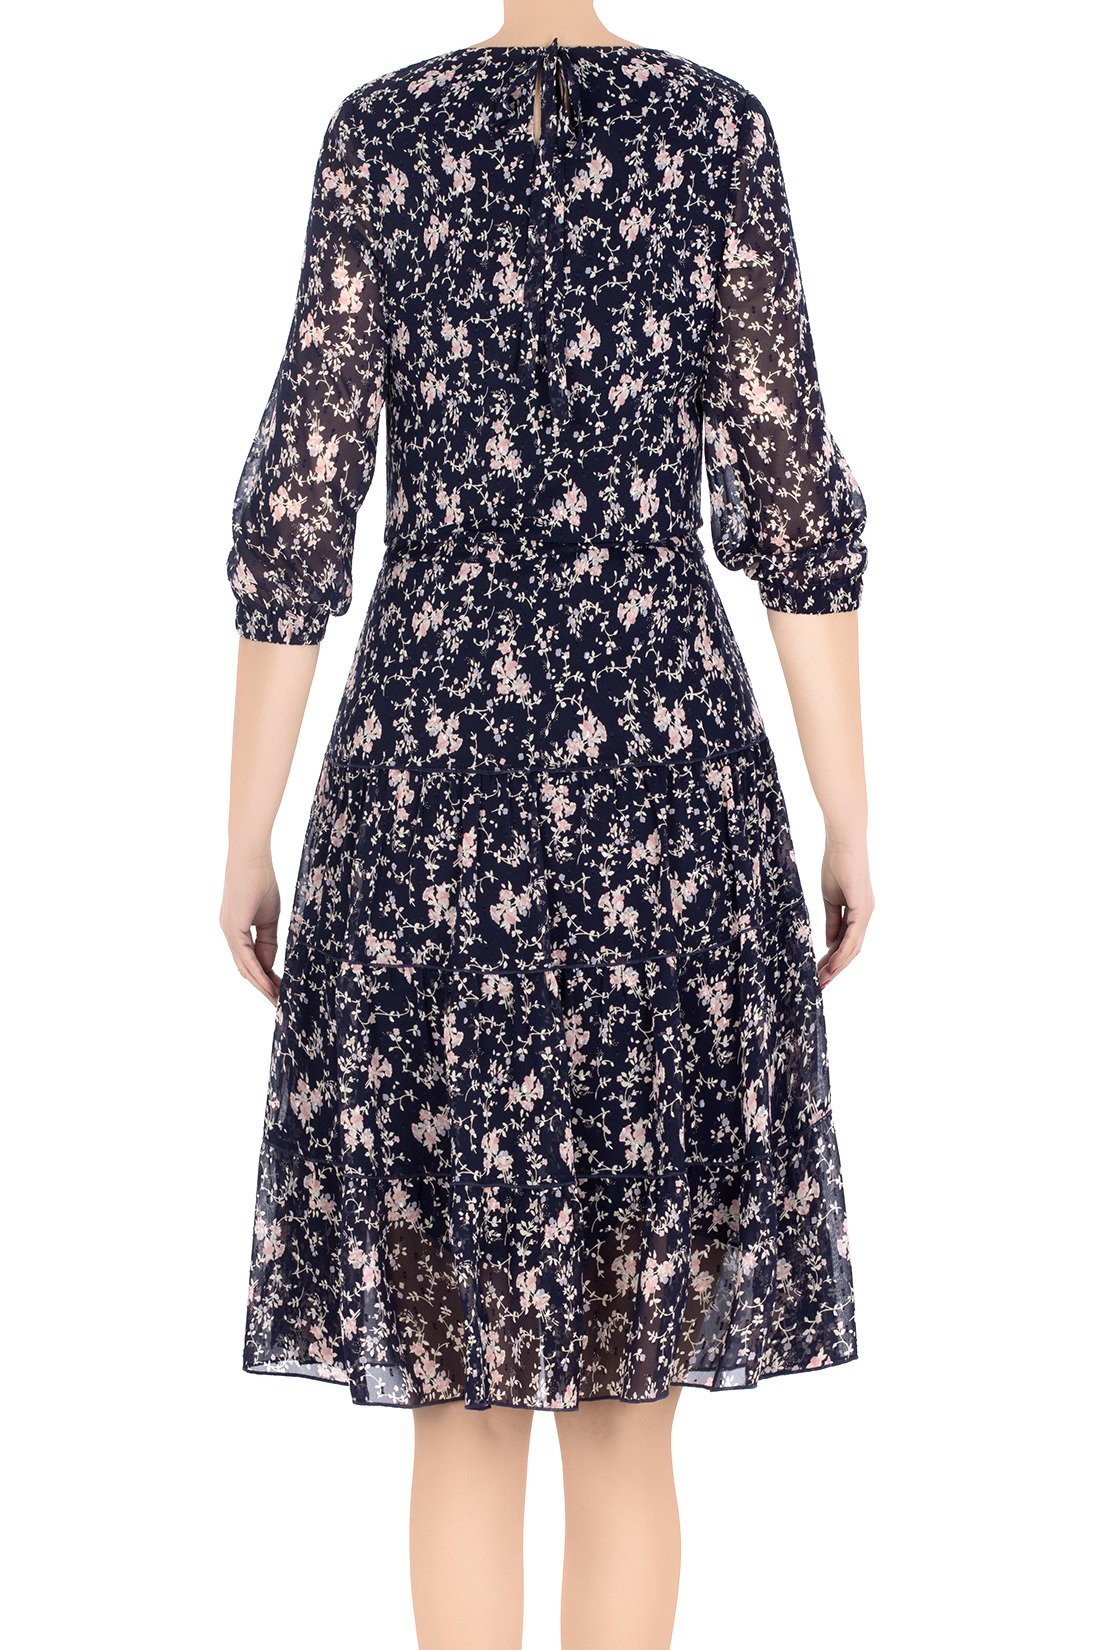 1bfa6a230d ... Modna sukienka damska Malika granatowa w różowe kwiaty 3207 Kliknij